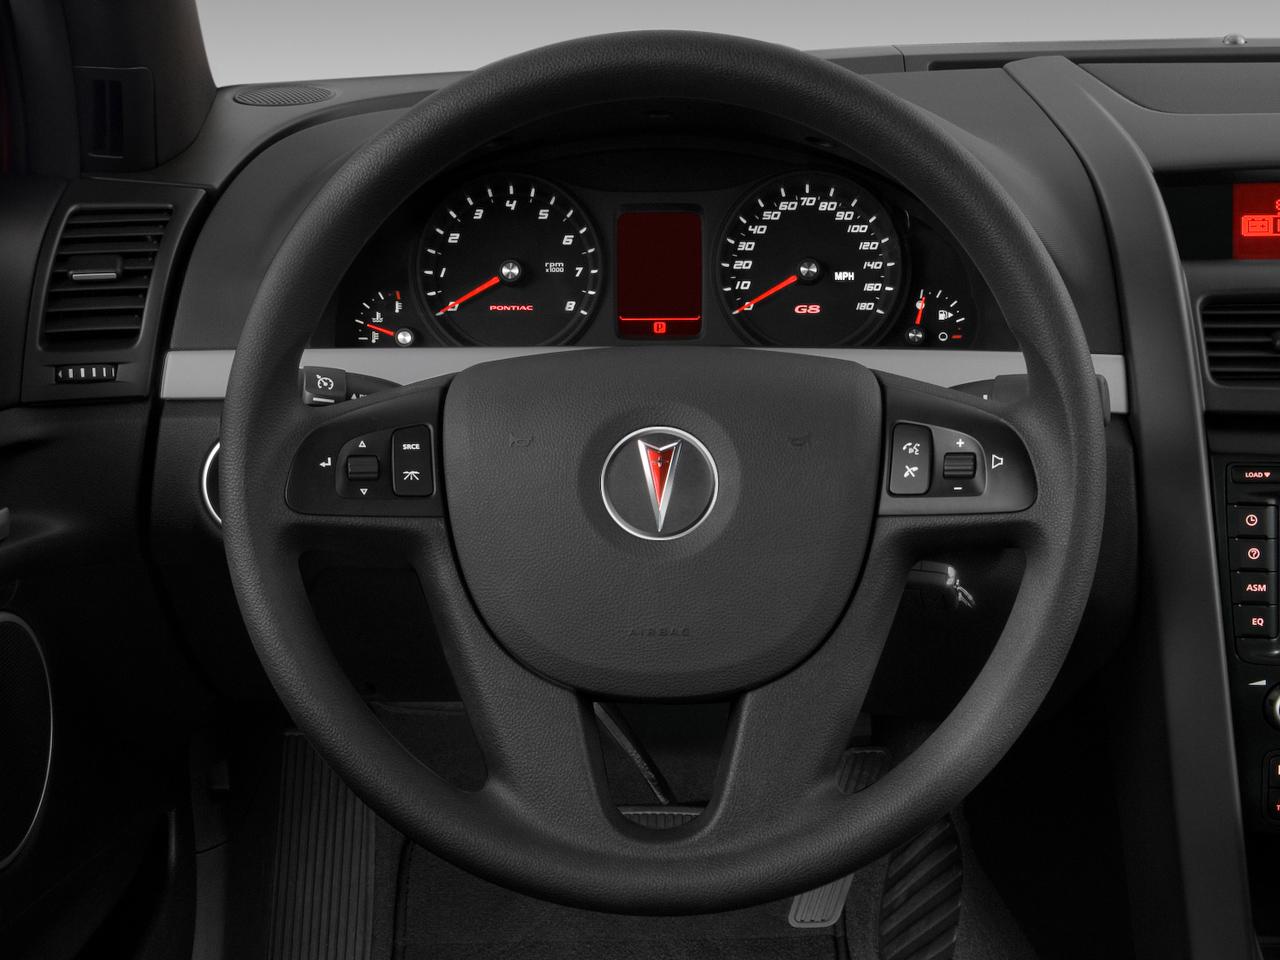 2009 Pontiac G8 Gt Pontiac Sport Sedan Review